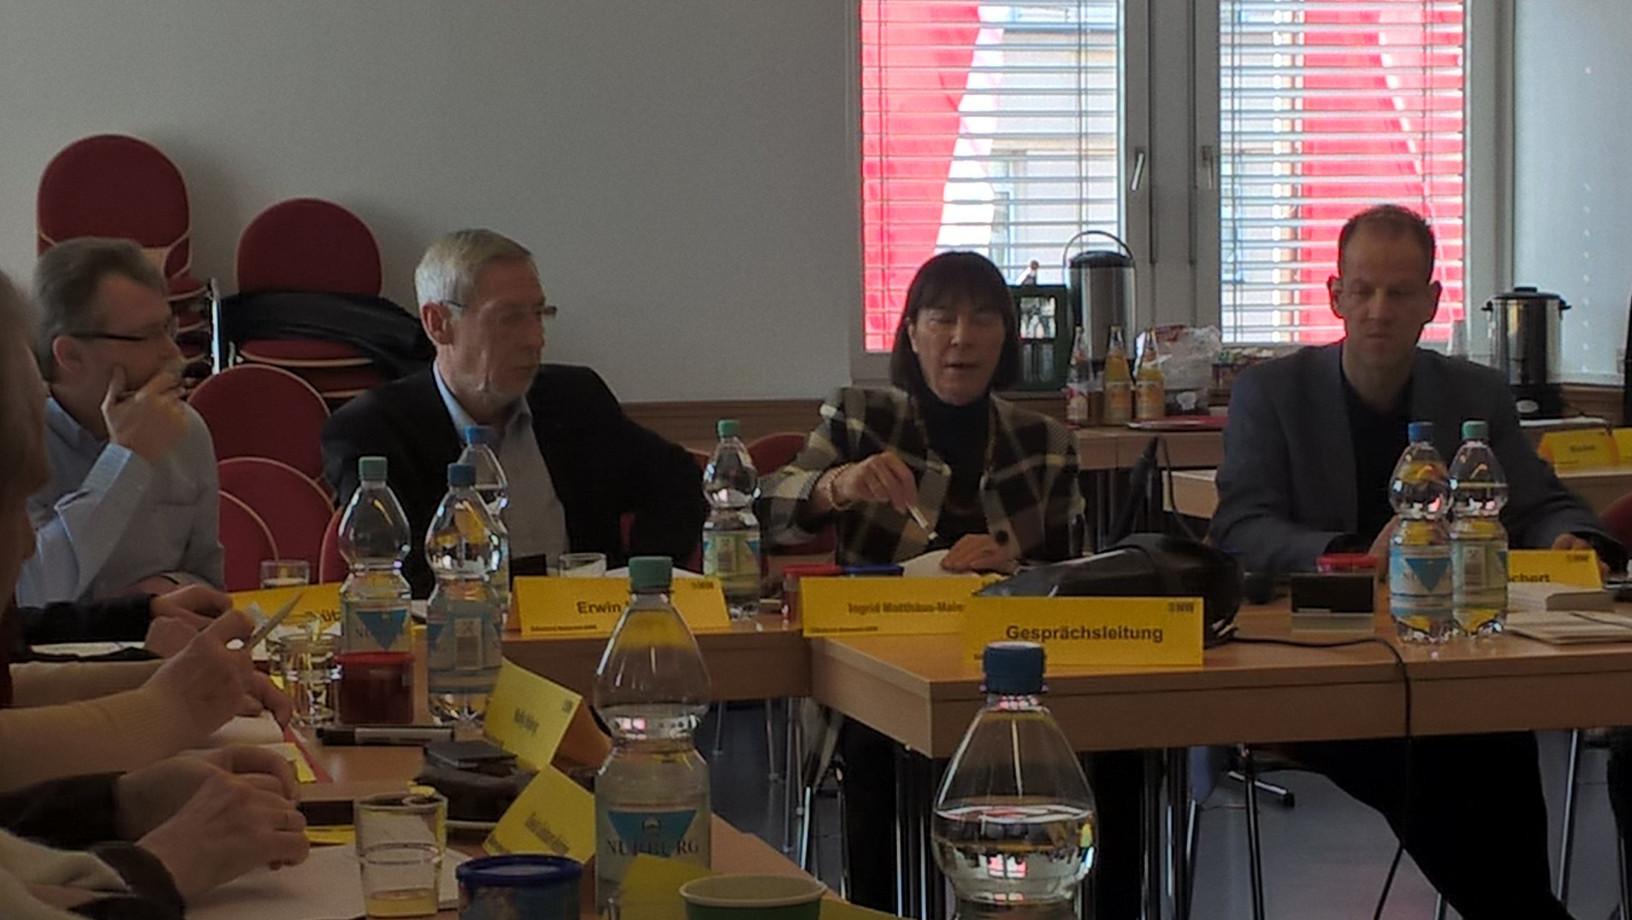 Frühjahrstreffen der säkularen Verbände in Köln